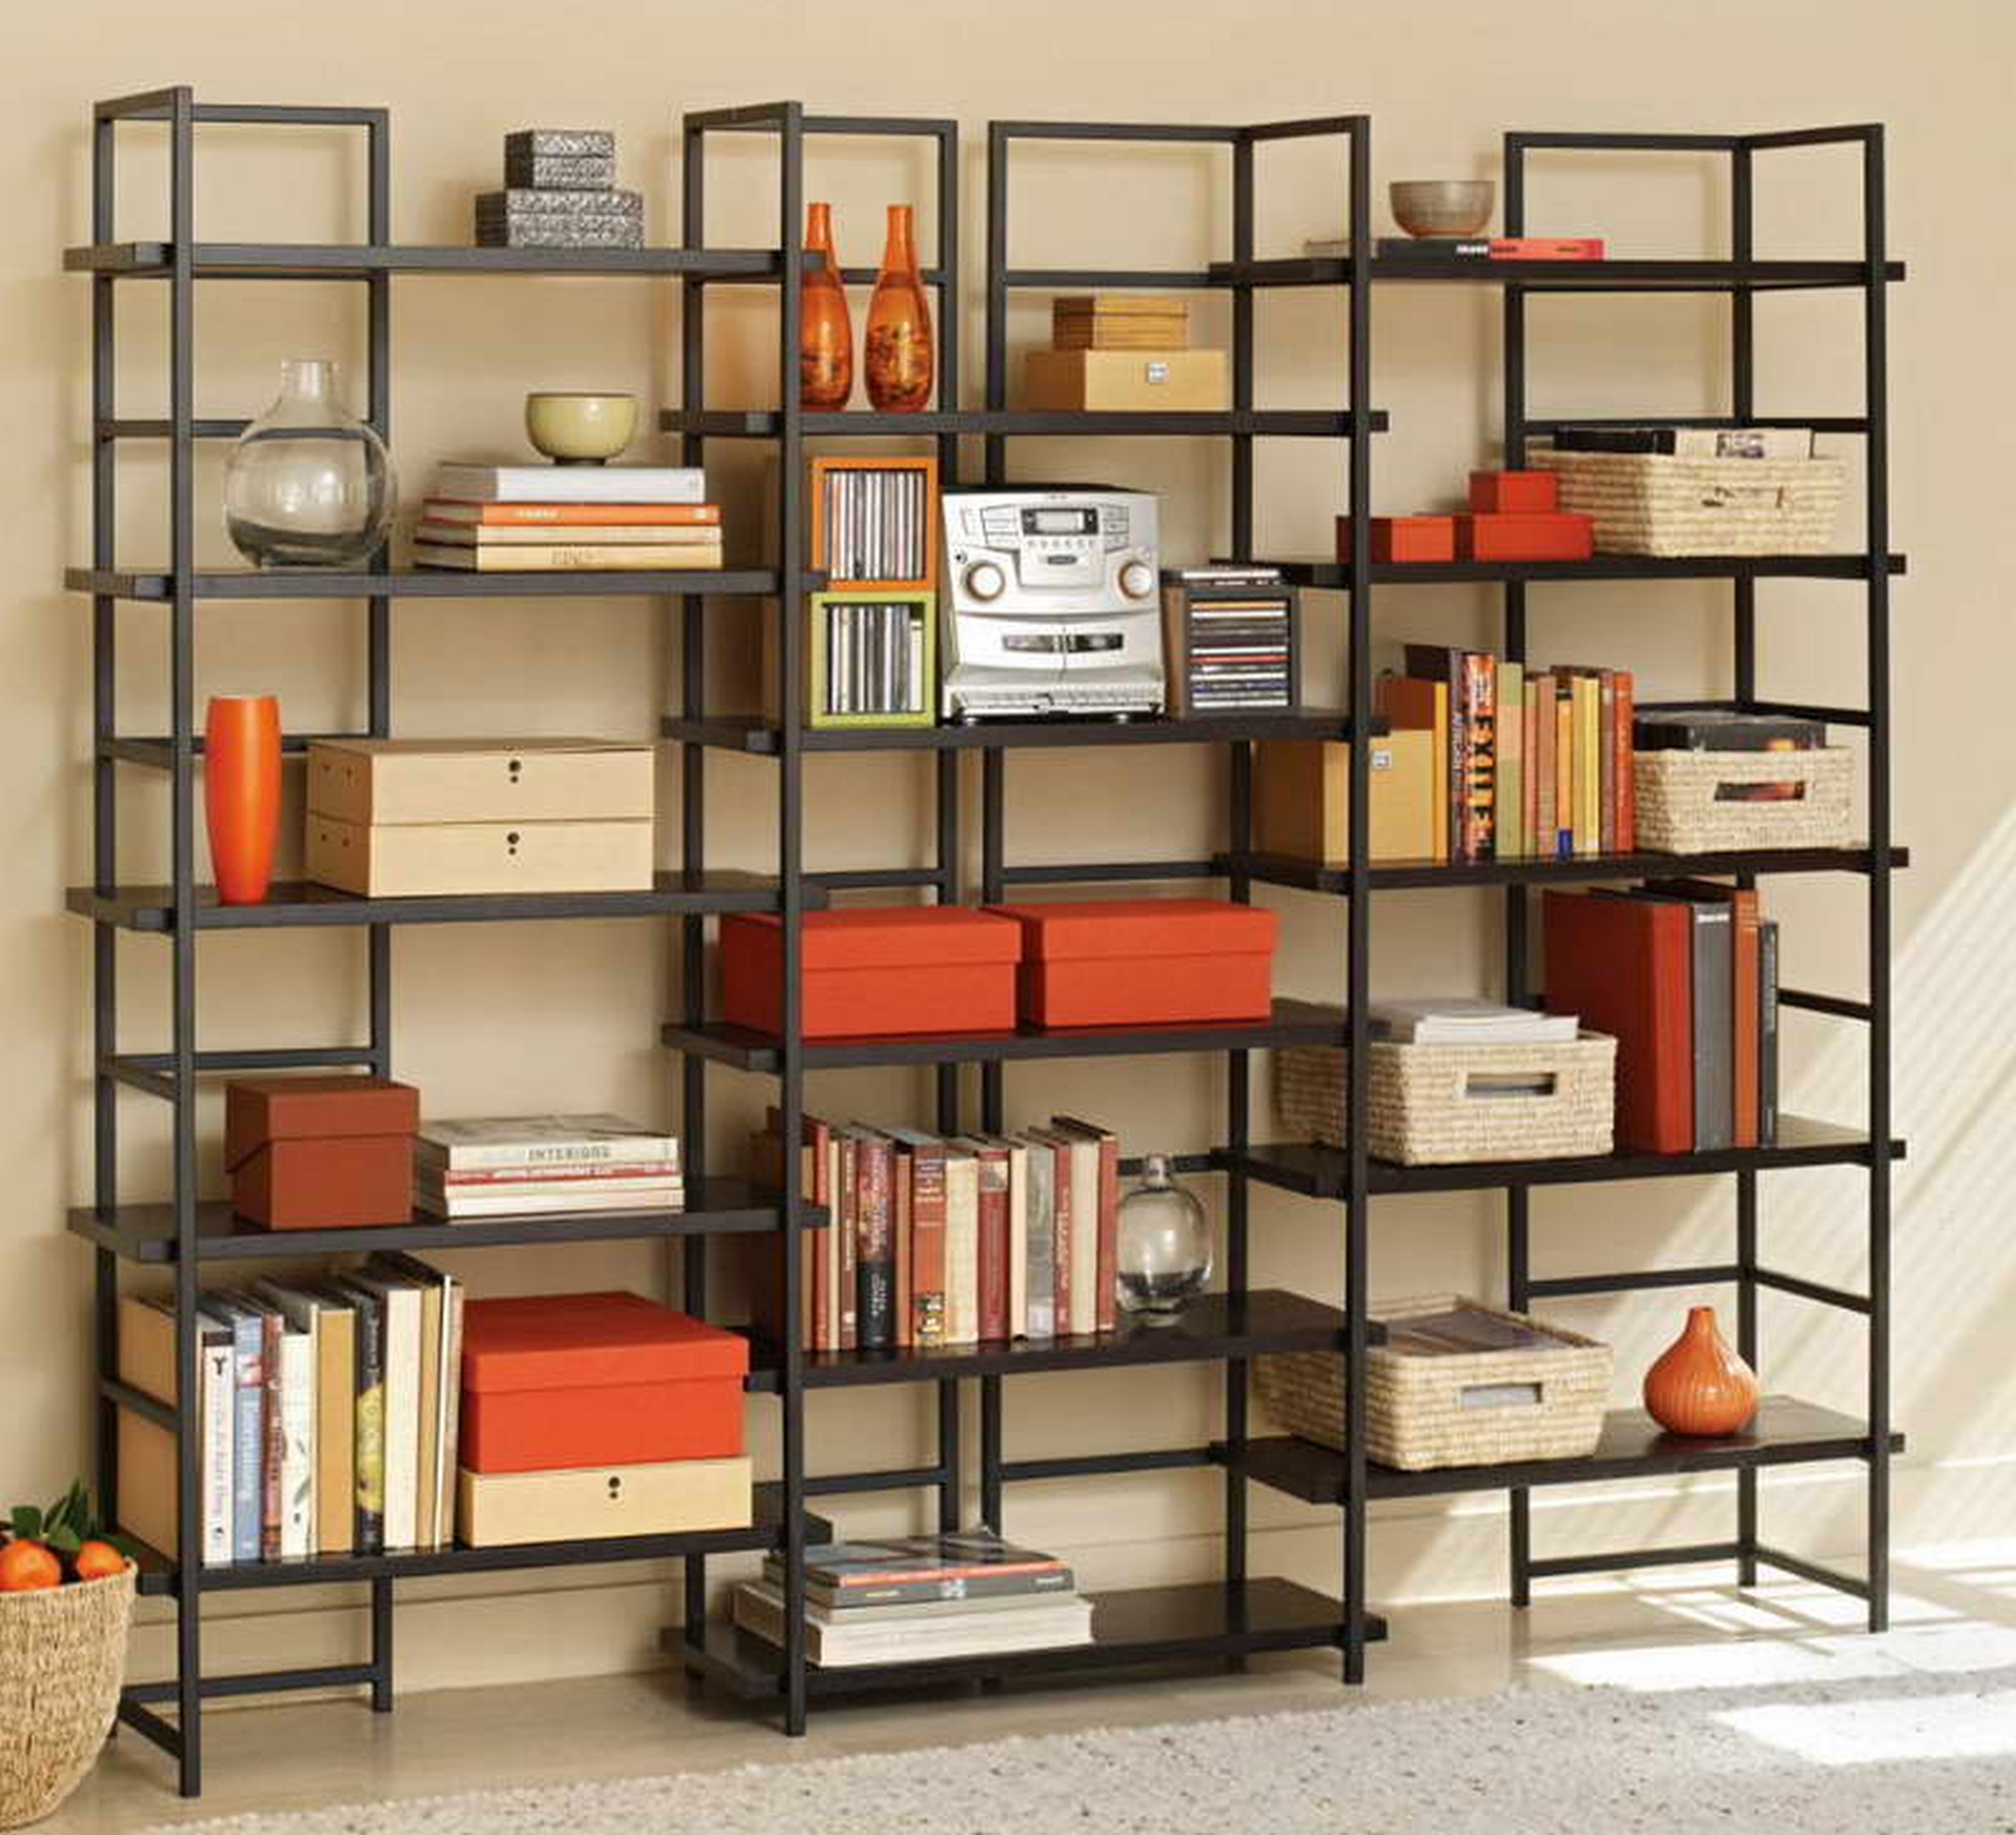 Classic Bookshelves Design Intended For 2018 Fresh Decorating Bookshelves Ideas # (View 15 of 15)